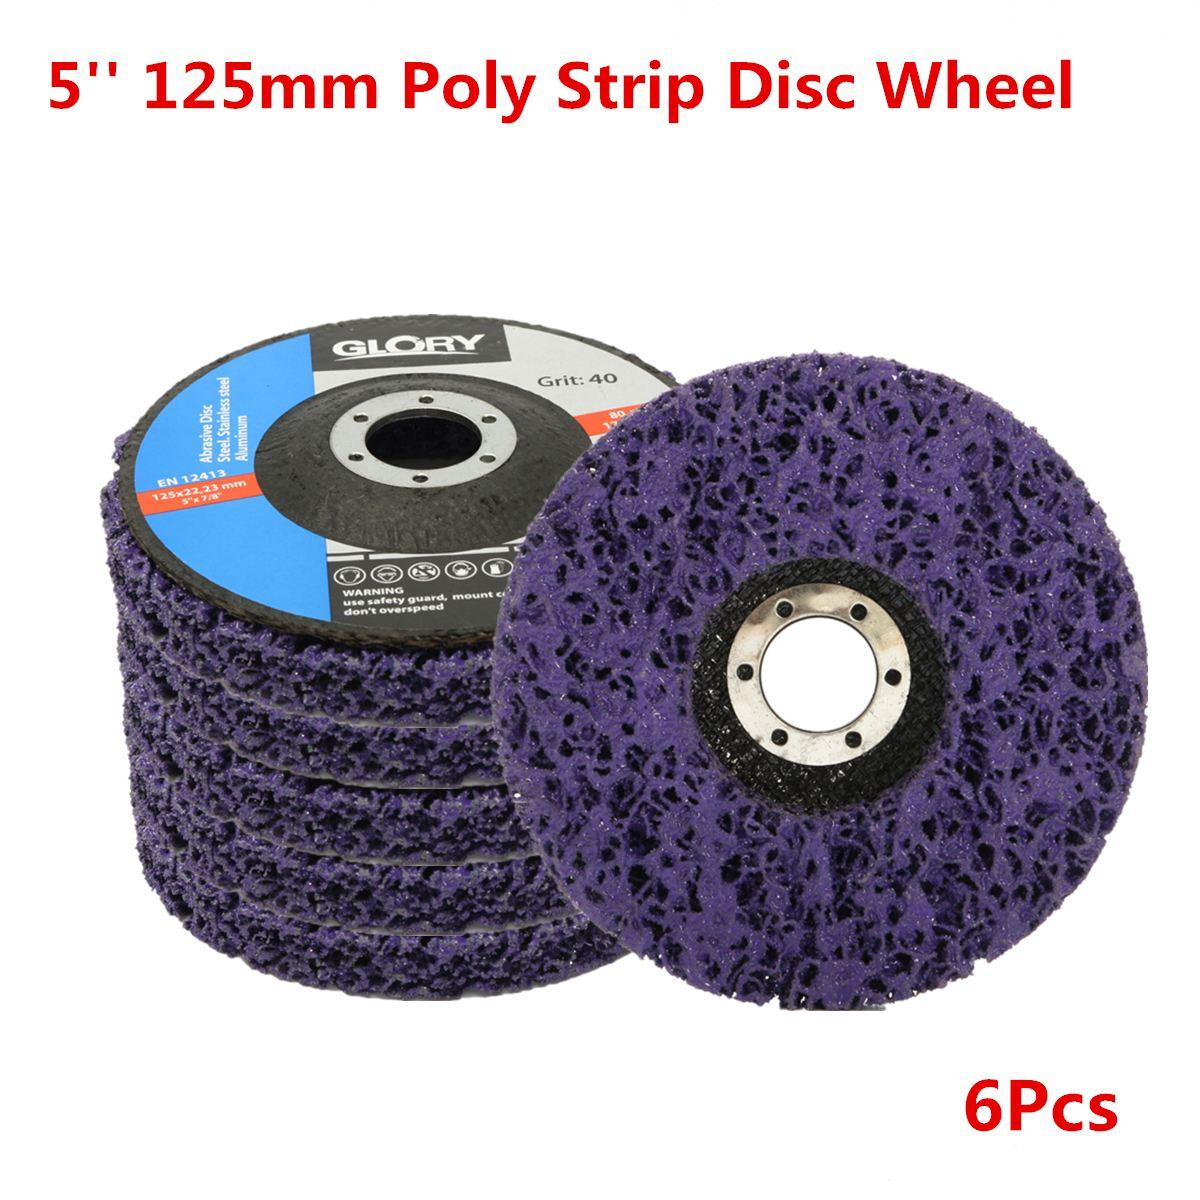 2 unids 125mm 5 pulgadas 40 arena disco de rueda para amoladora de ángulo